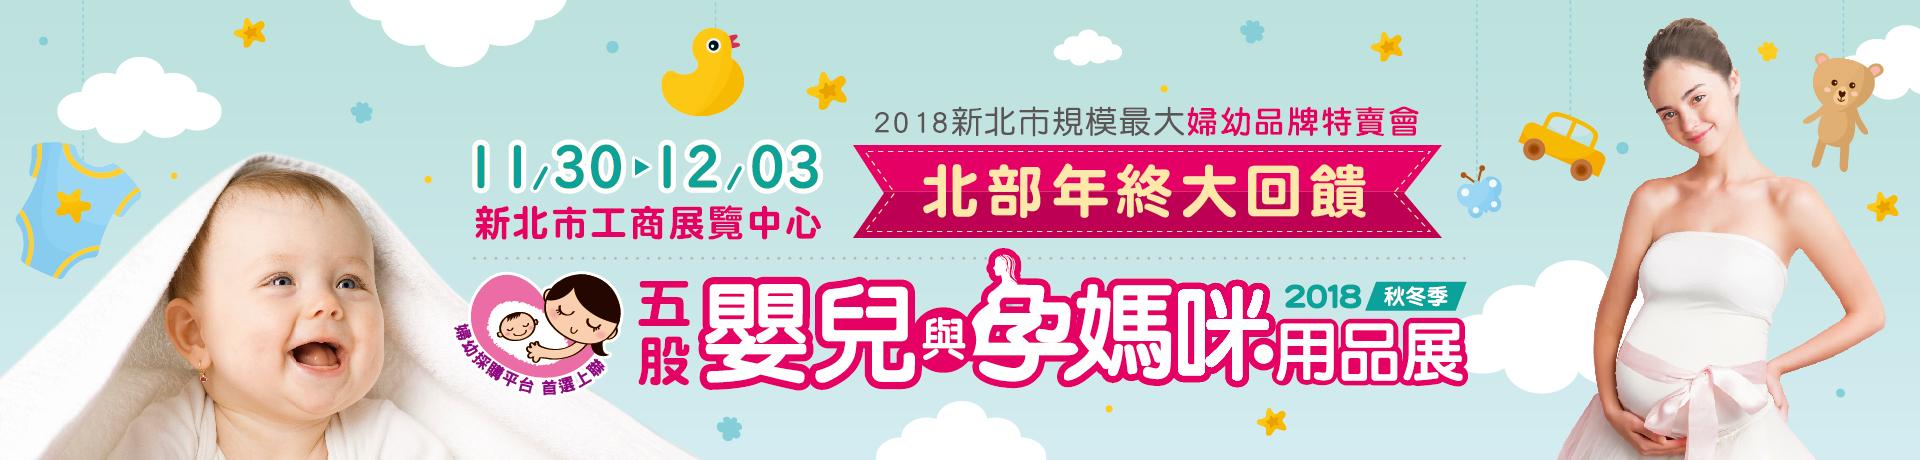 2018五股嬰兒與孕媽咪用品展暨兒童博覽會(秋冬季)